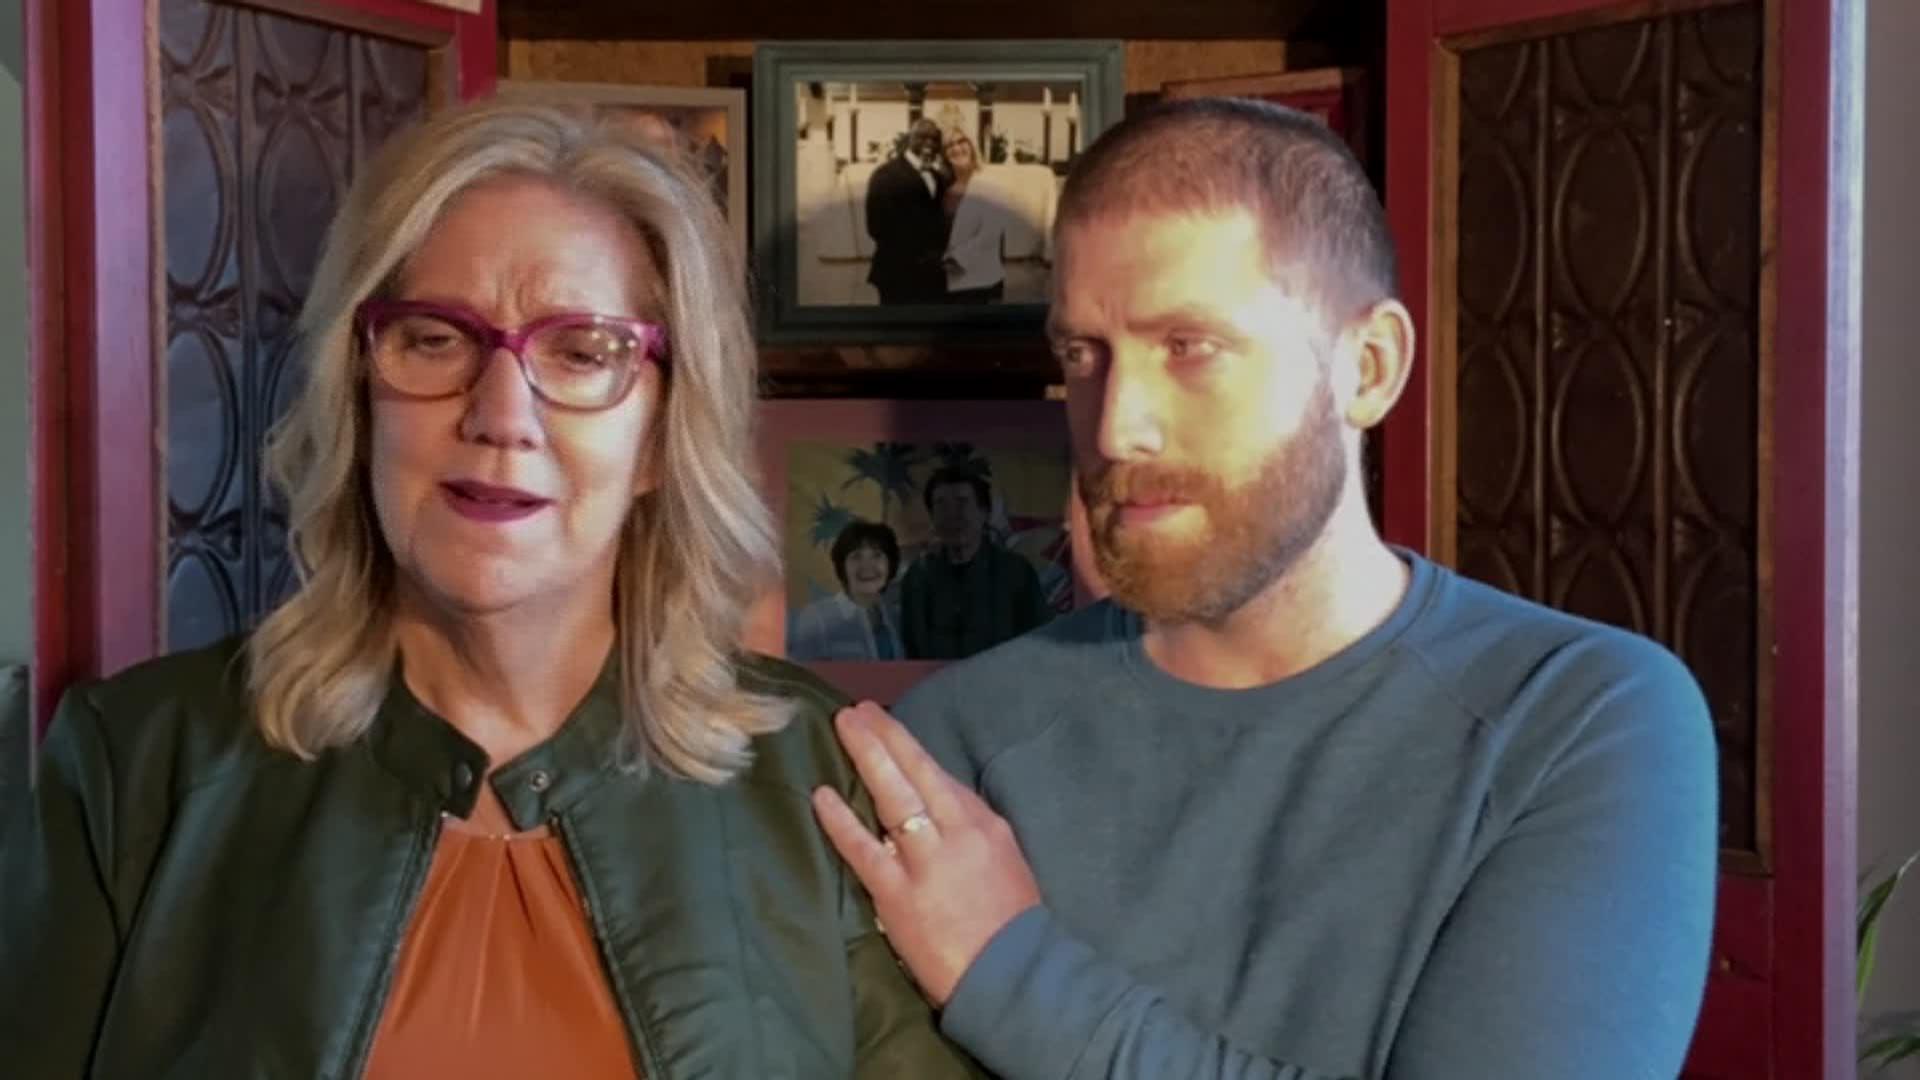 Lizanne Jennings, left, speaks alongside Brayden Jennings during an interview on December 1.